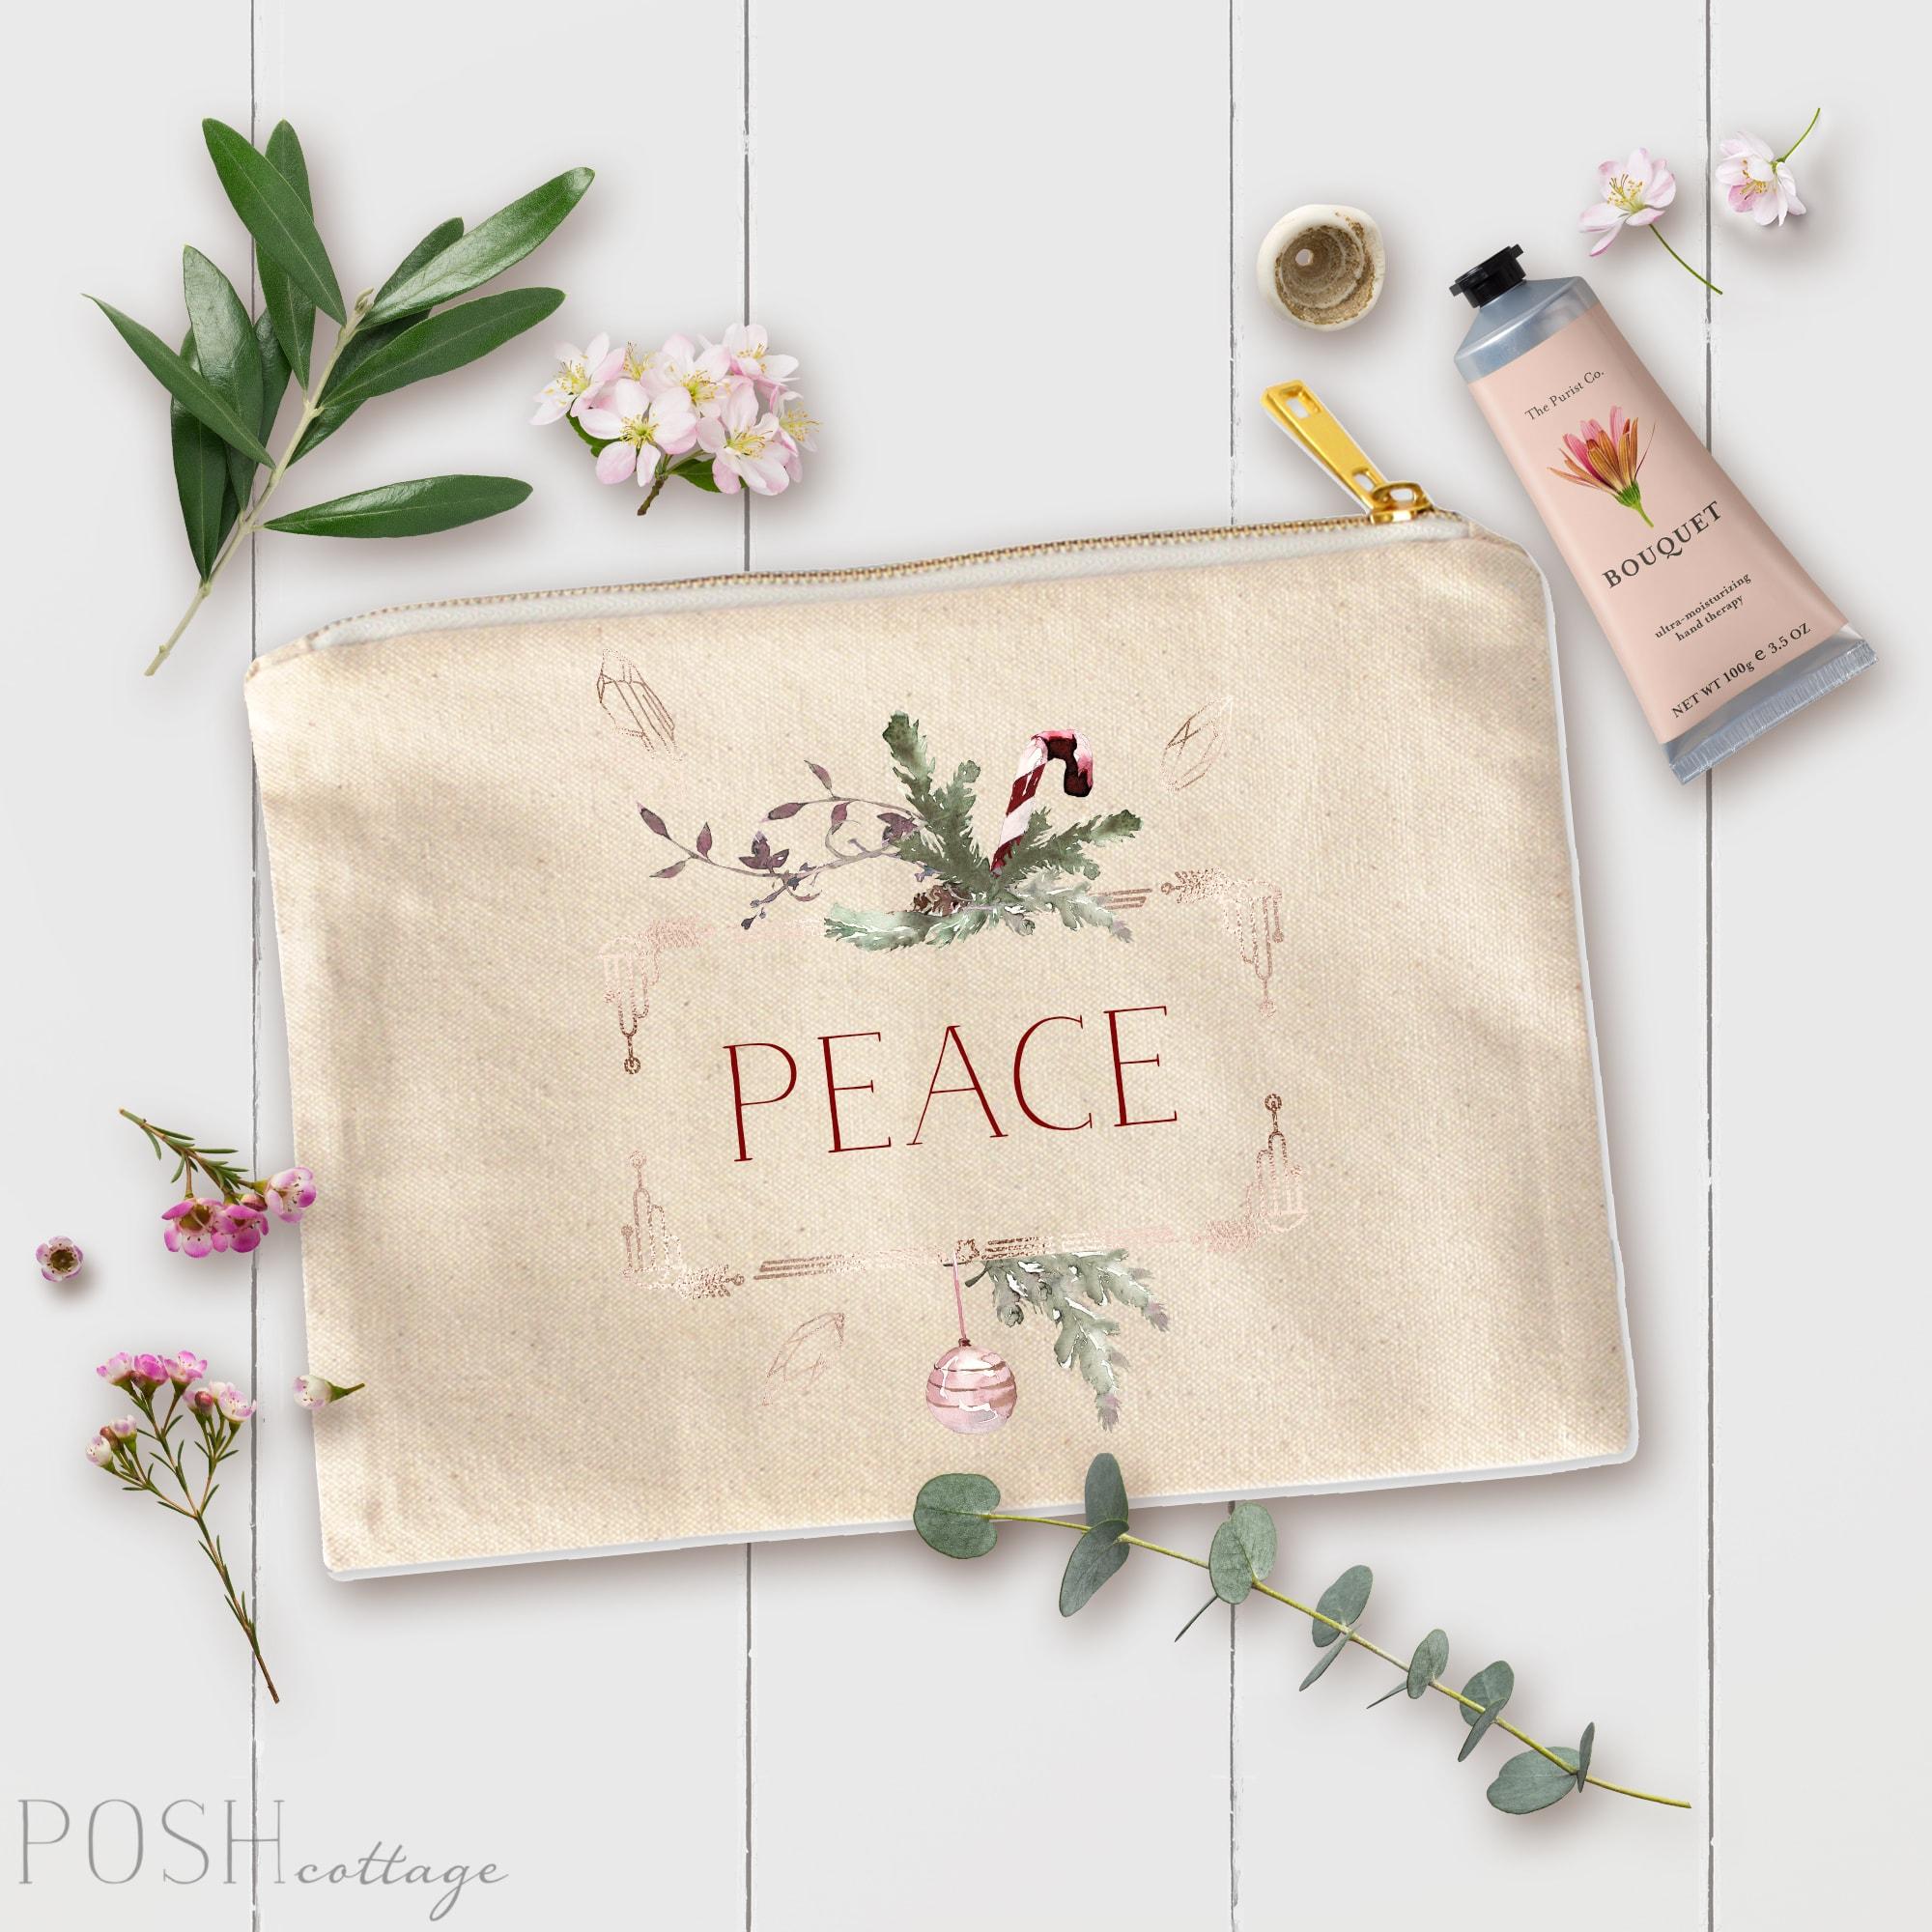 Posh Cottage Shop Canvas Cosmetic Bag